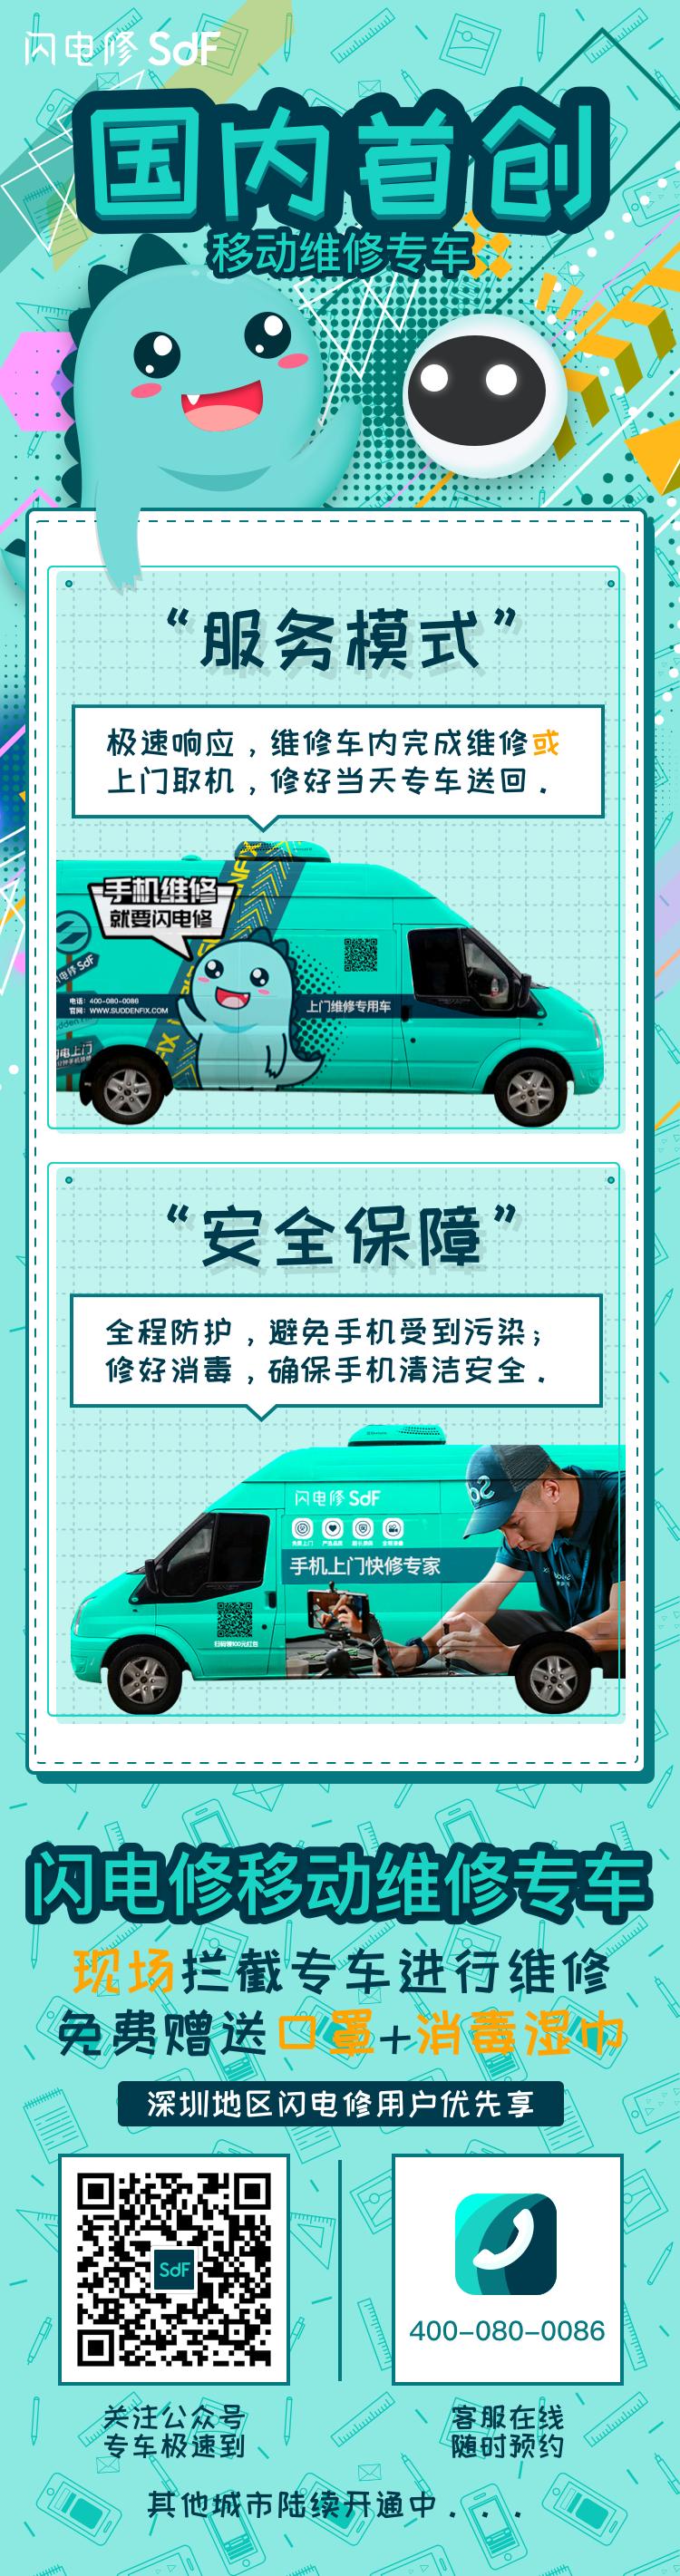 """闪电修推出国内首创""""移动维修专车"""",快来抢先体验!"""